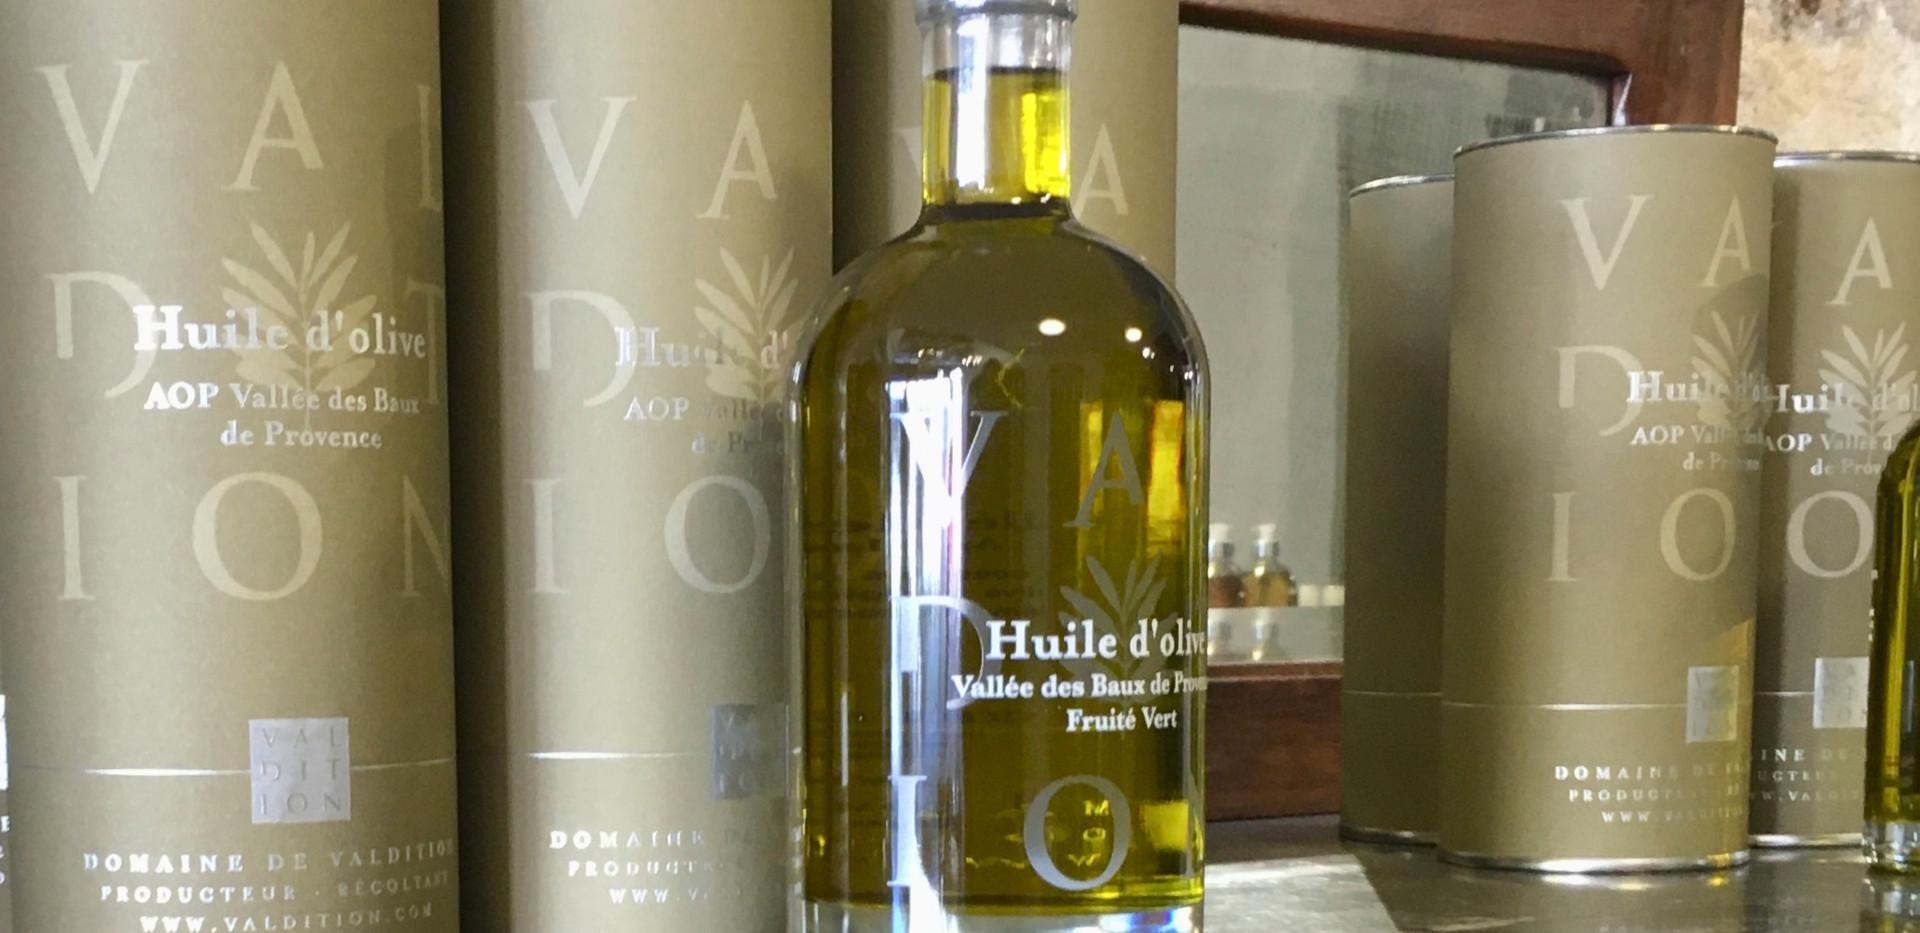 Huile d'olive de la vallée des Baux